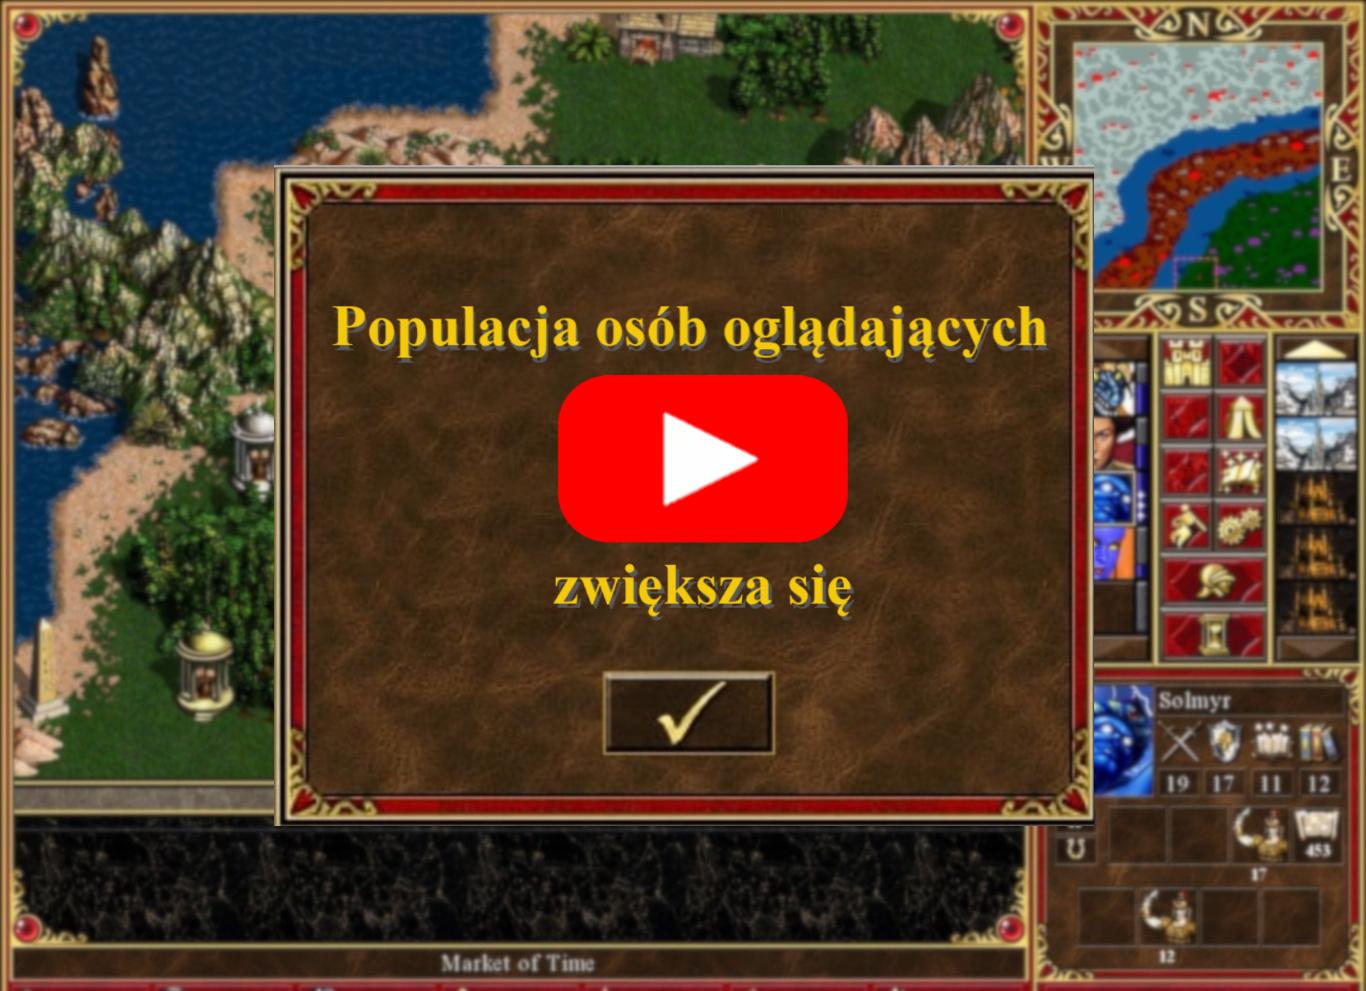 Koronawirus wpływa na oglądalność YouTube w Polsce 25